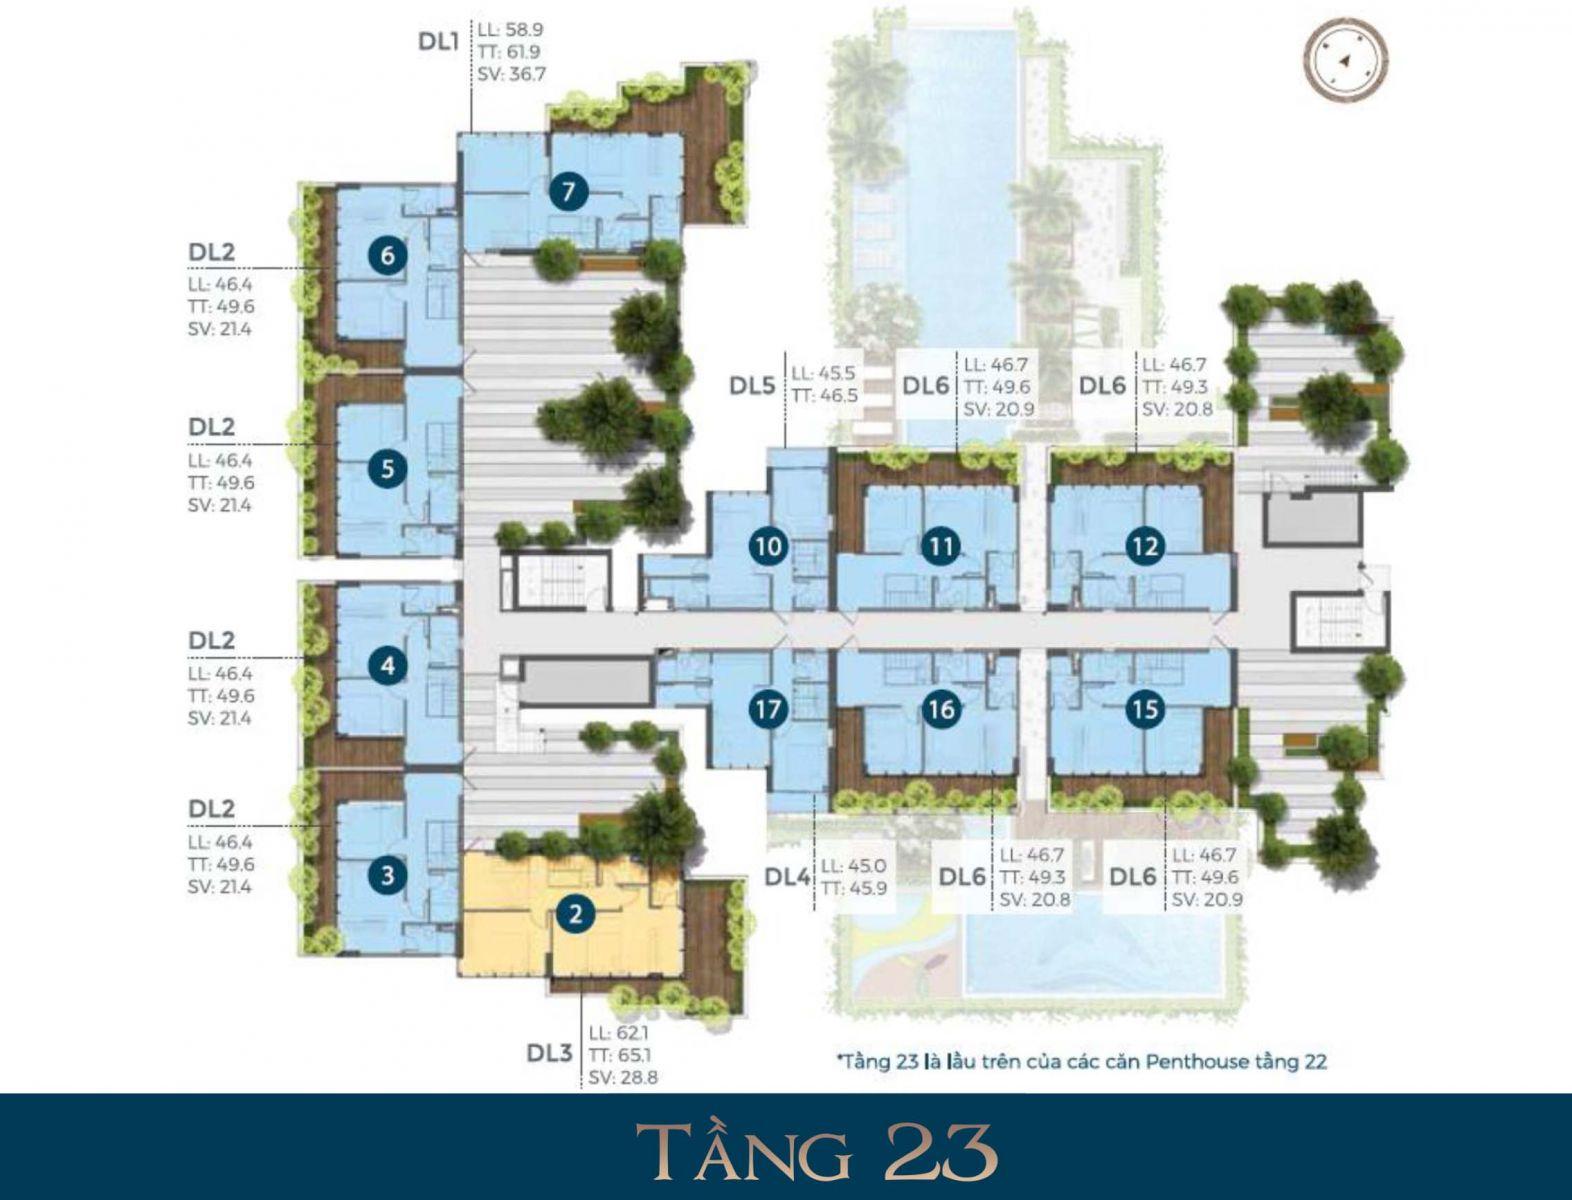 Mặt bằng tầng 23 dự án căn precia Quận 2